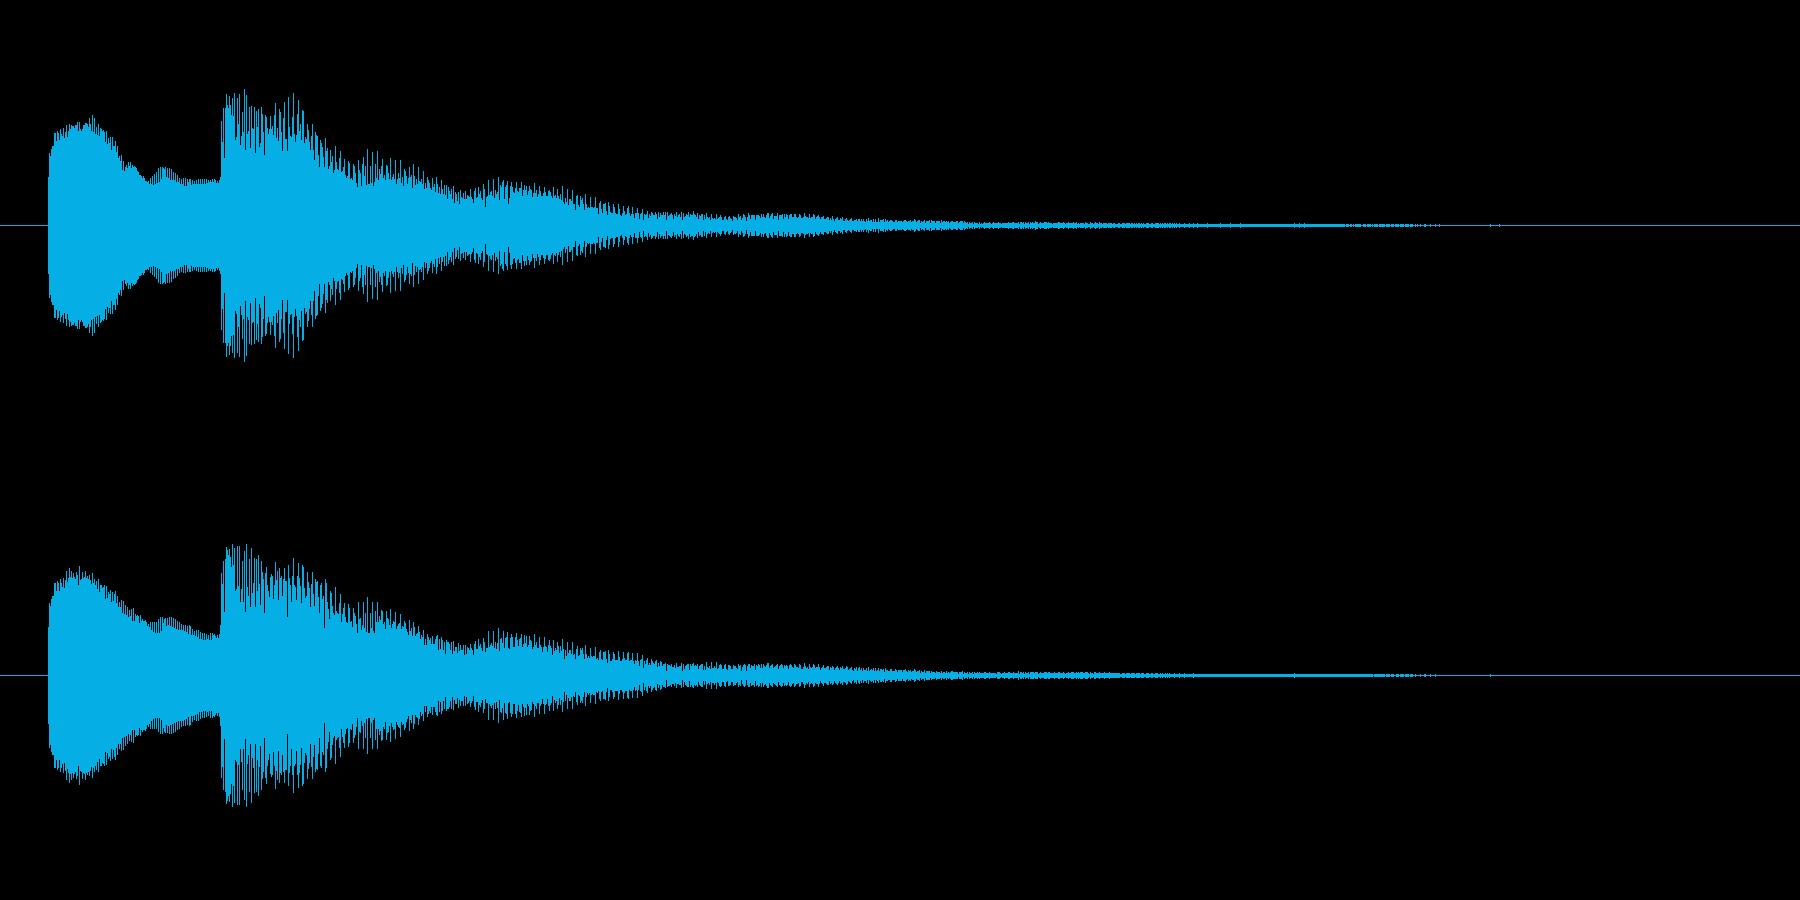 【早押しボタン01-3】の再生済みの波形